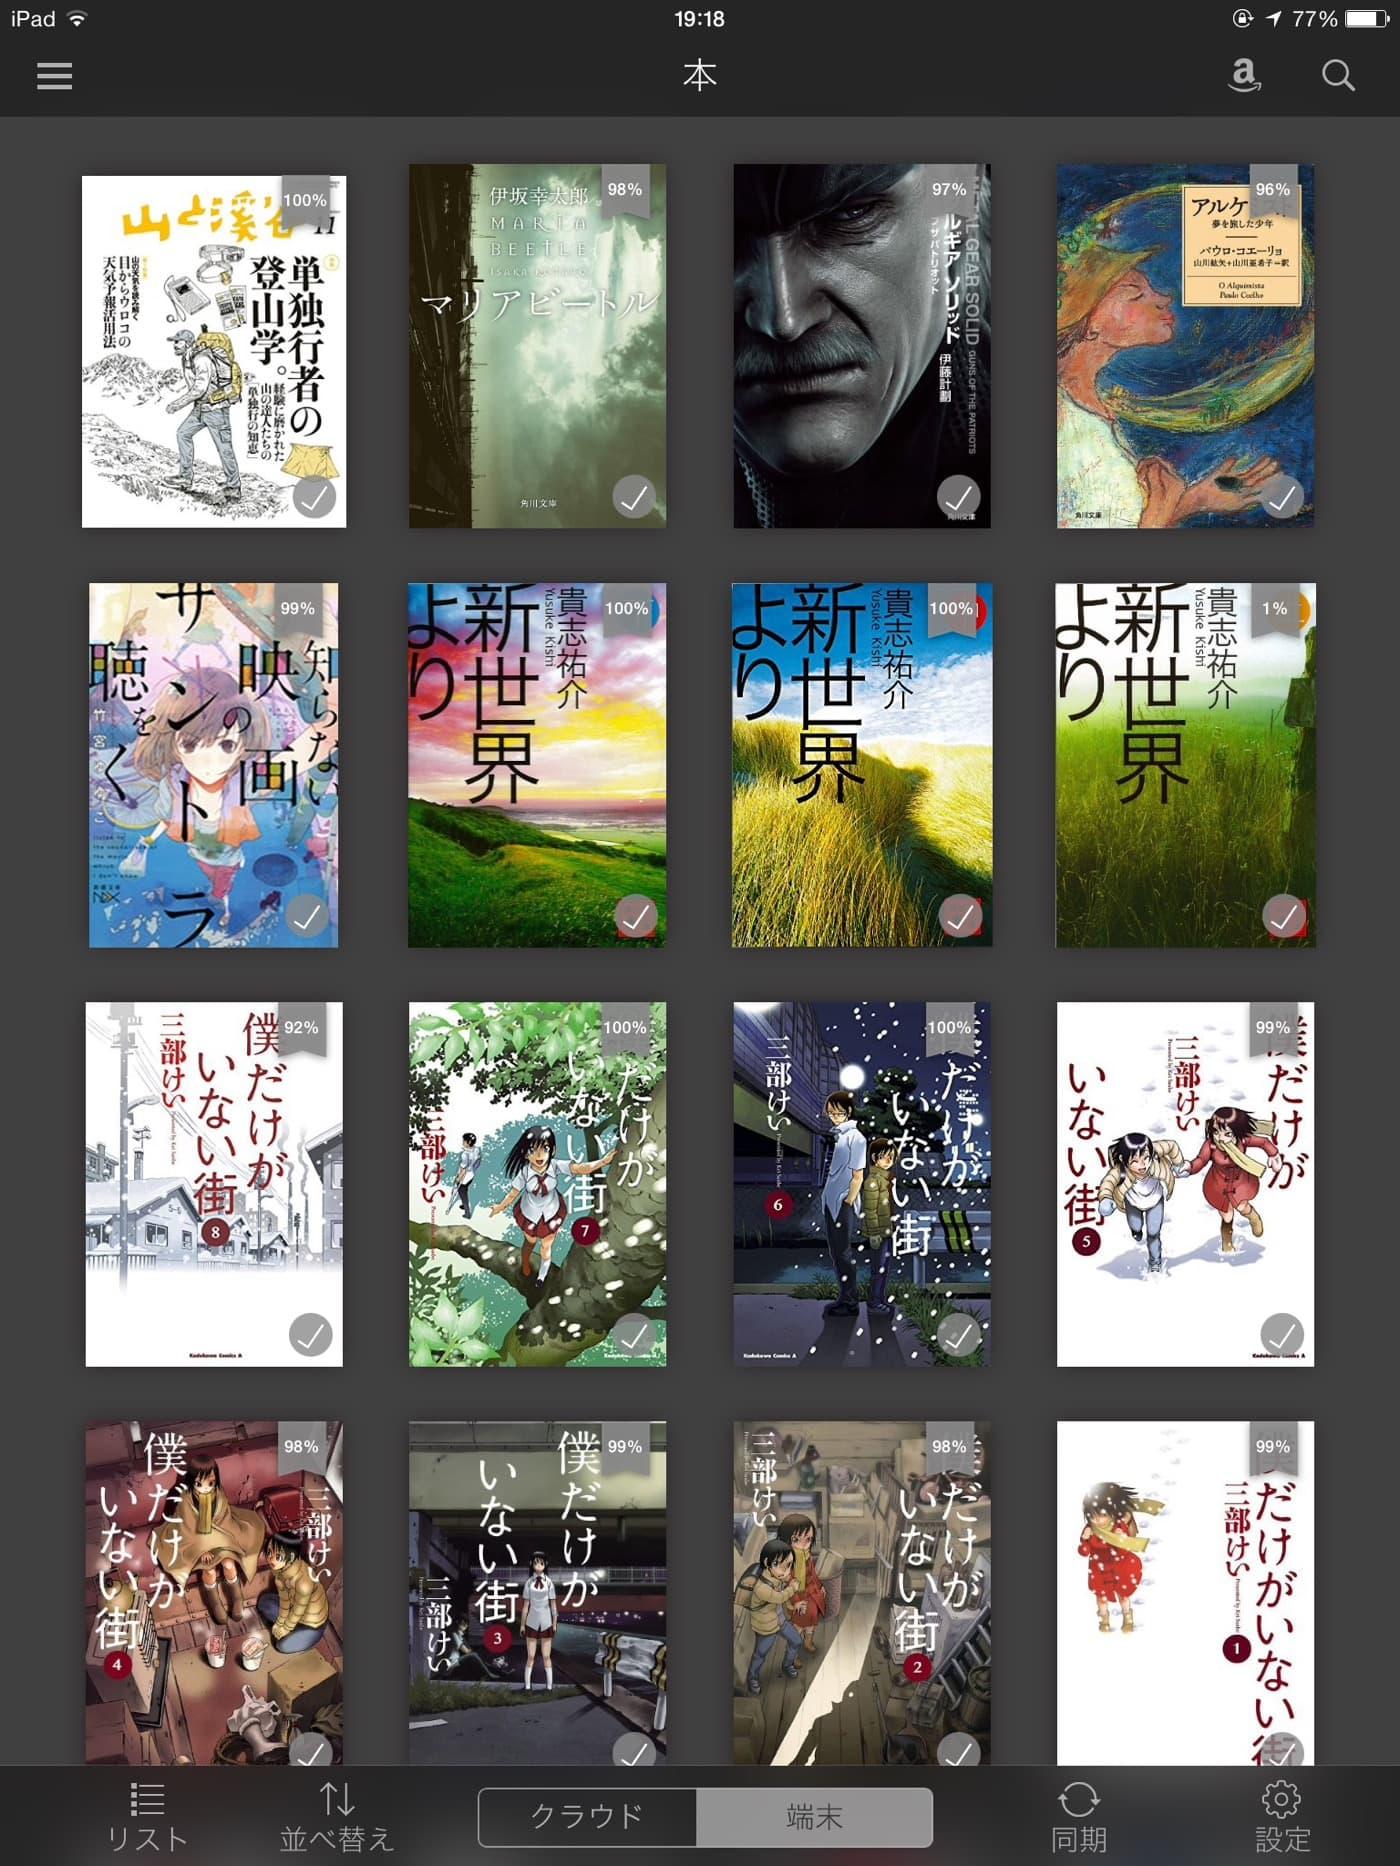 iPadminiのKindleアプリの表示